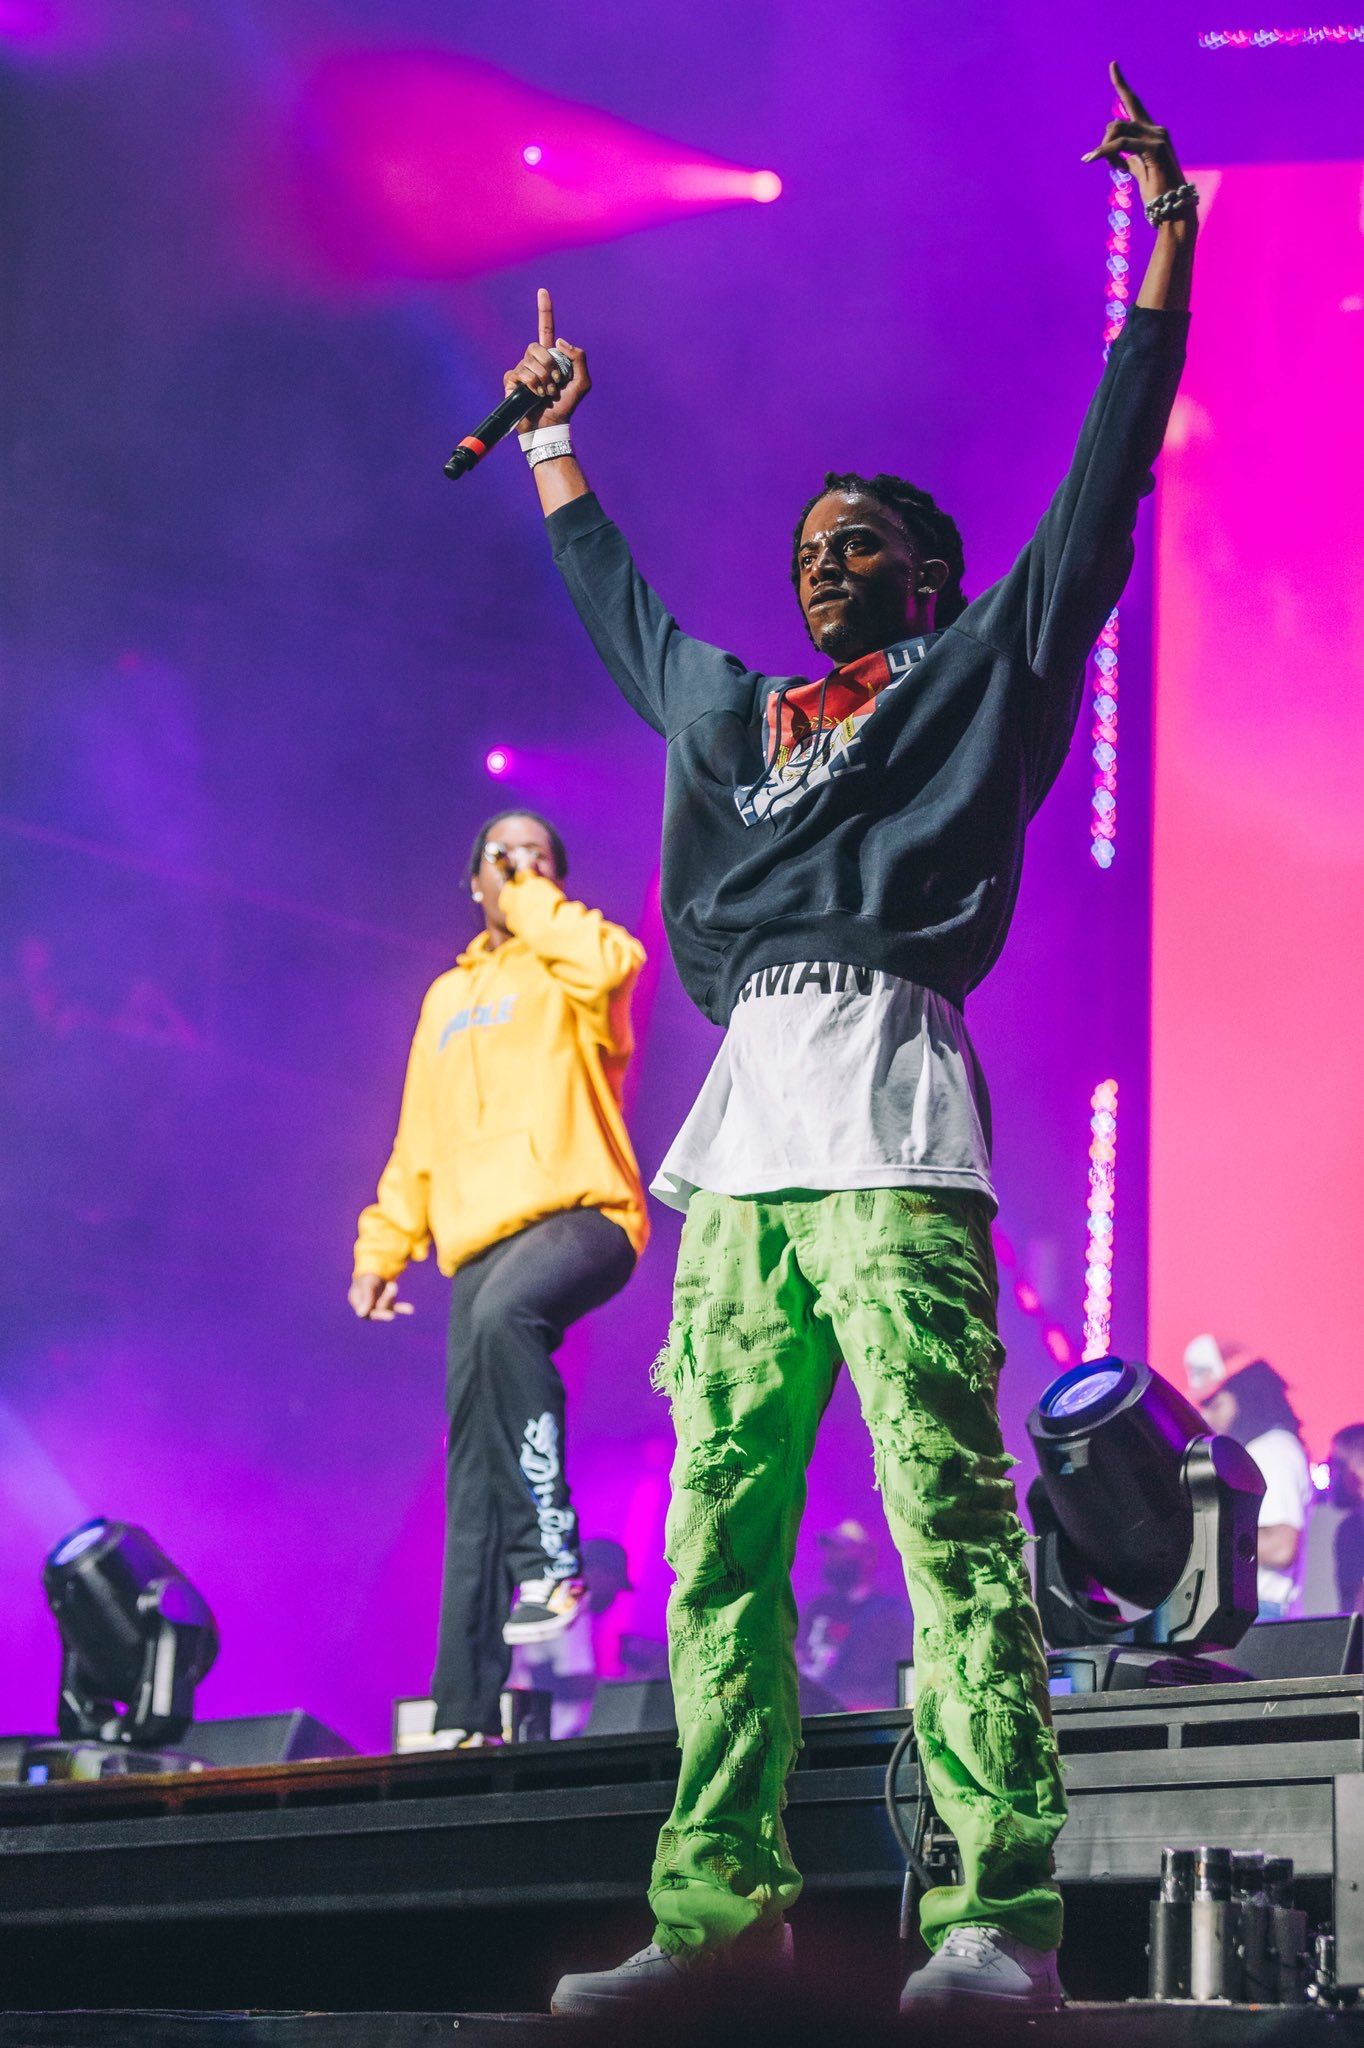 Playboi Carti A Ap Rocky May 11 2018 Miami Rap Concert Coachella Concert Concert Photography